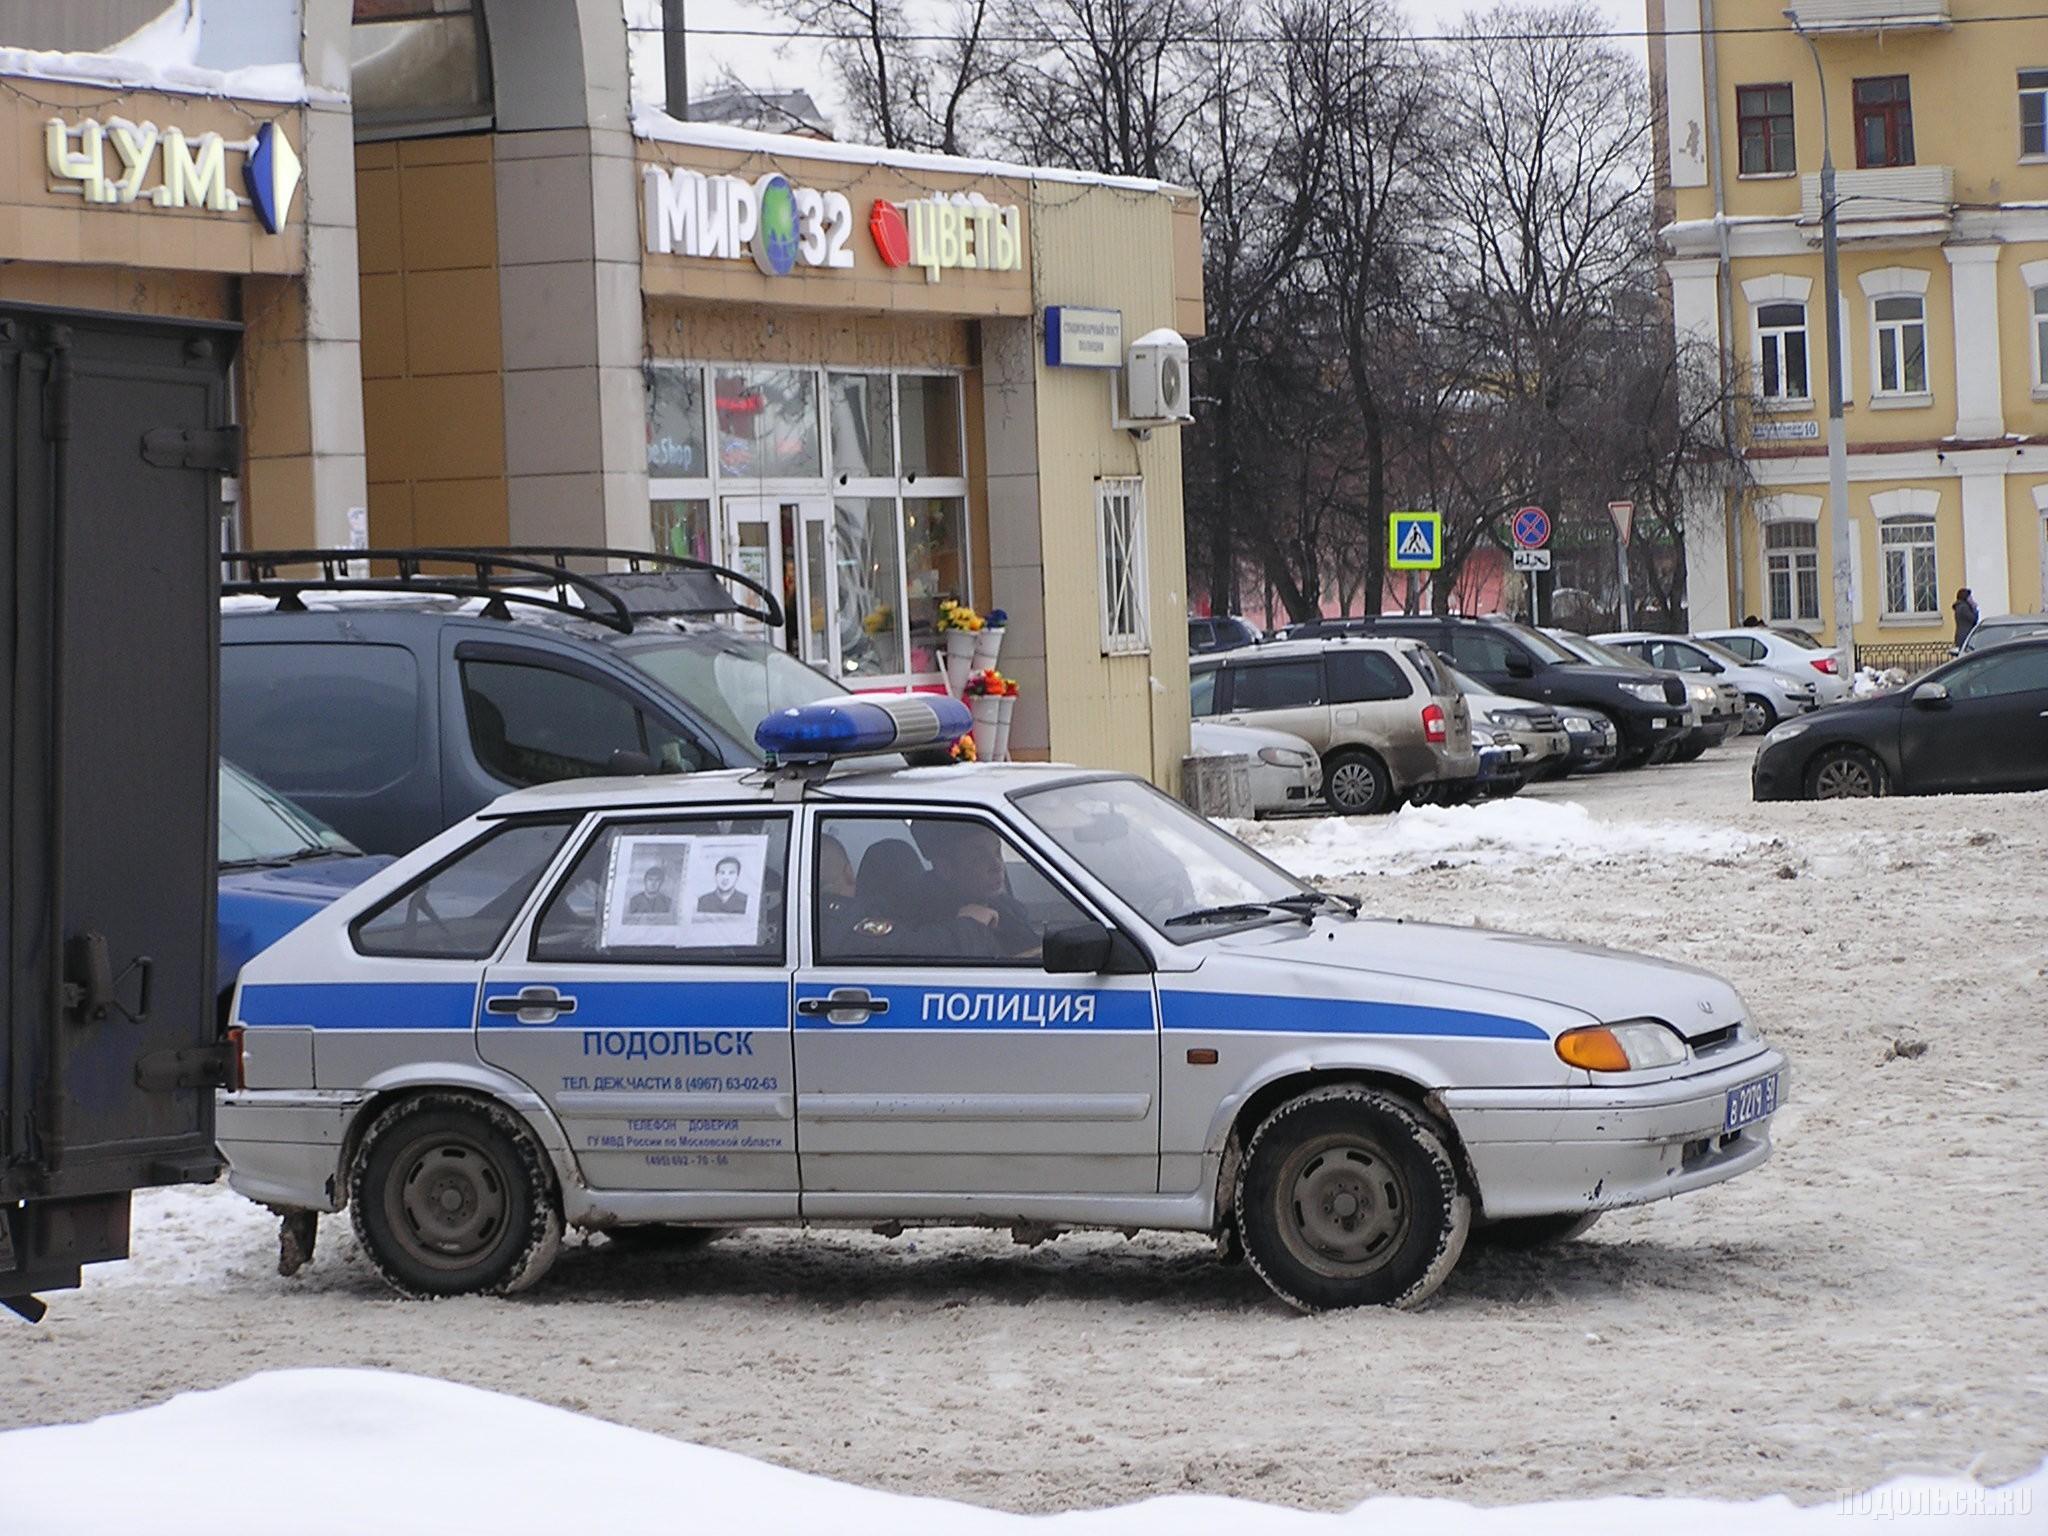 Машина полиции на станции Подольск. Январь 2017 г.